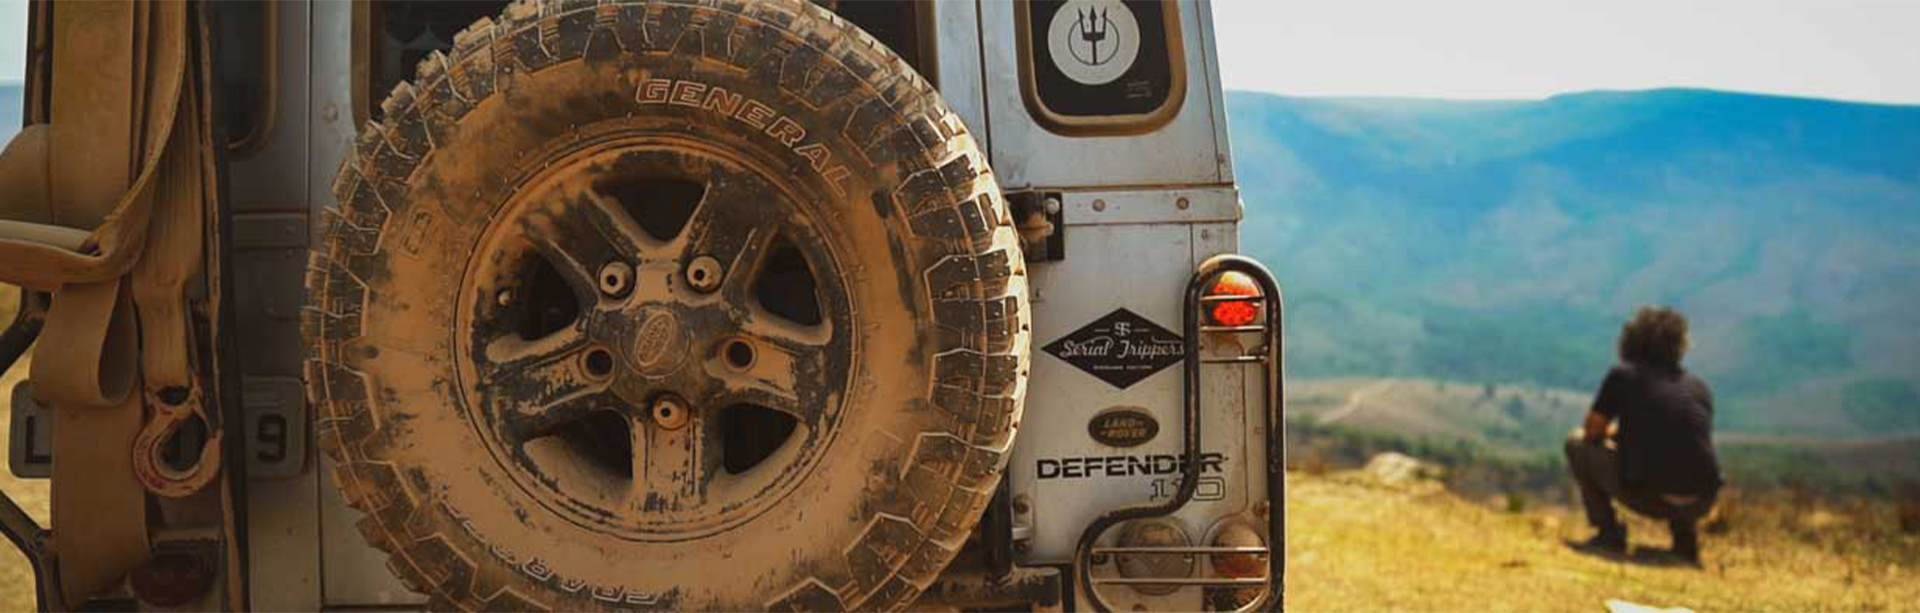 Expedição General Tire - Ep4 - Caminho do Céu e Serra da Canastra - Veiculo parado com pneu sujo